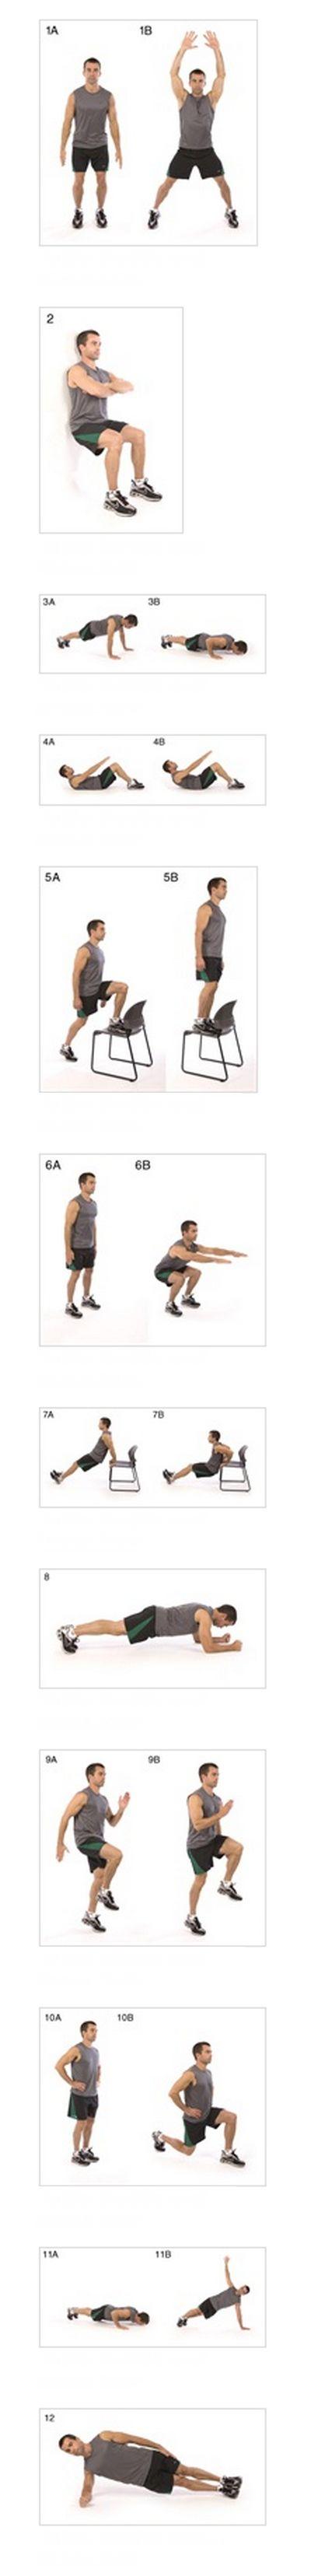 12-ejercicios-silla-pared-pics